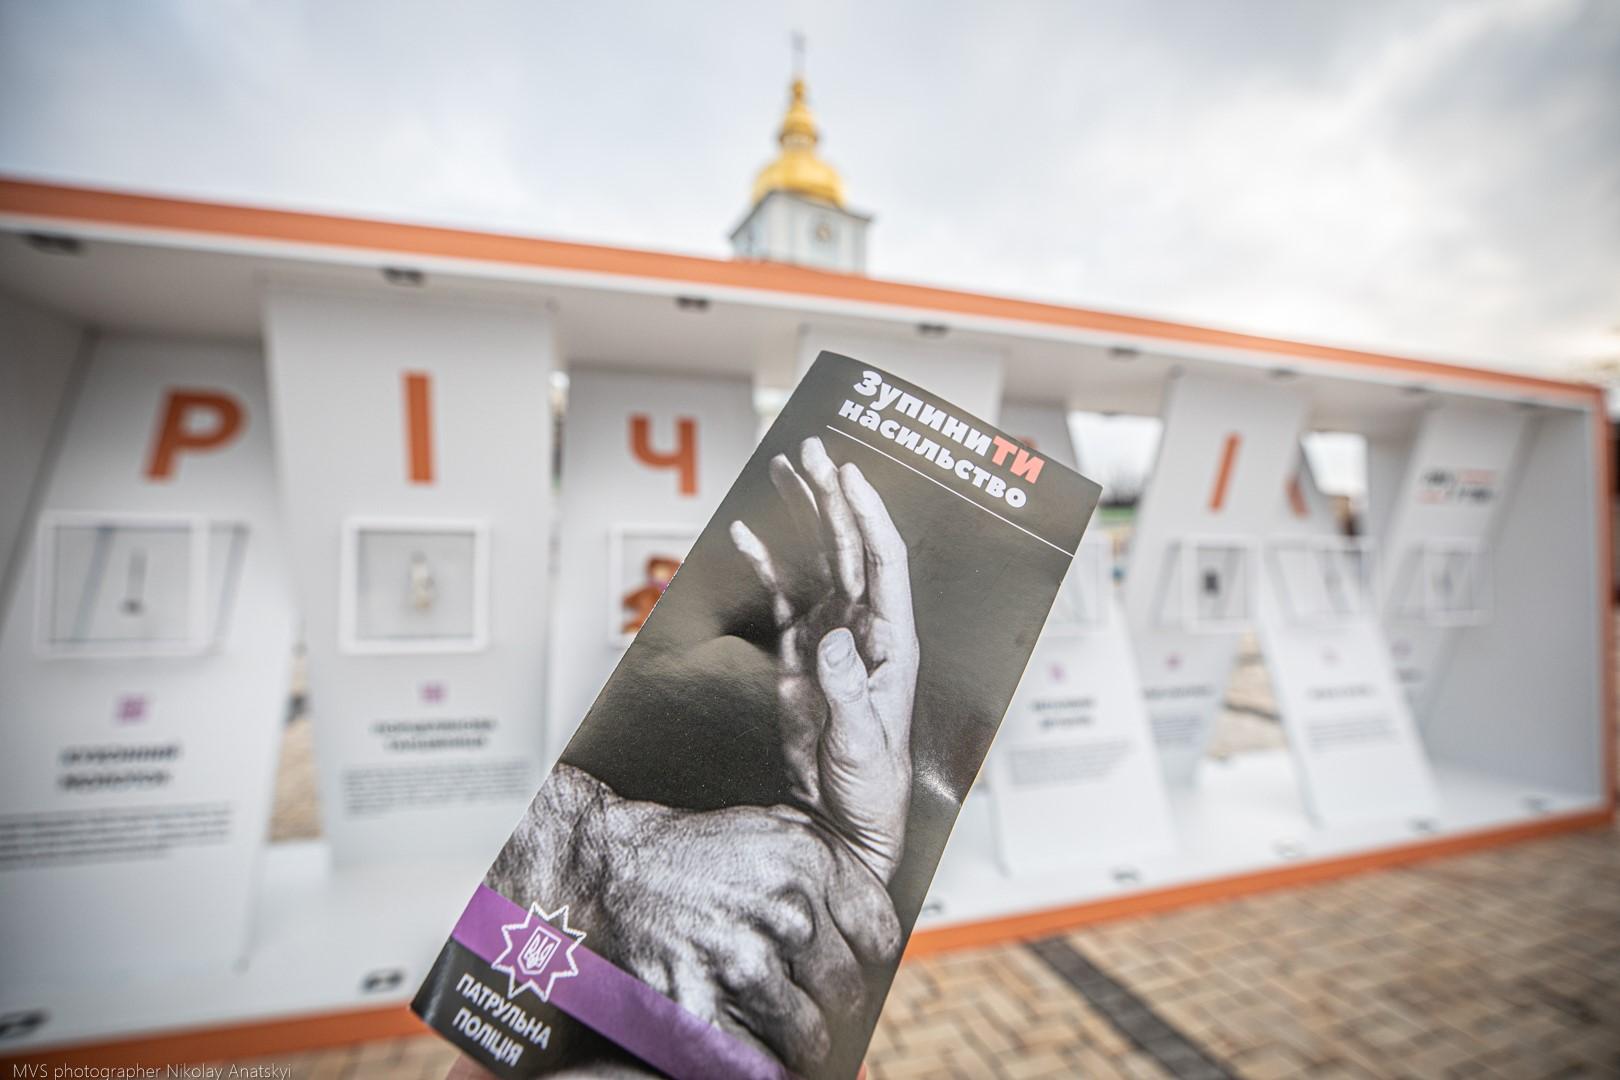 16 днів проти насильства: у Києві стартувала виставка «Річ у тім» - соціальний проект, соціальна реклама, жертви насильства, домашнє насильство, виставка - 127450931 2777032669234646 1017054946503070849 n